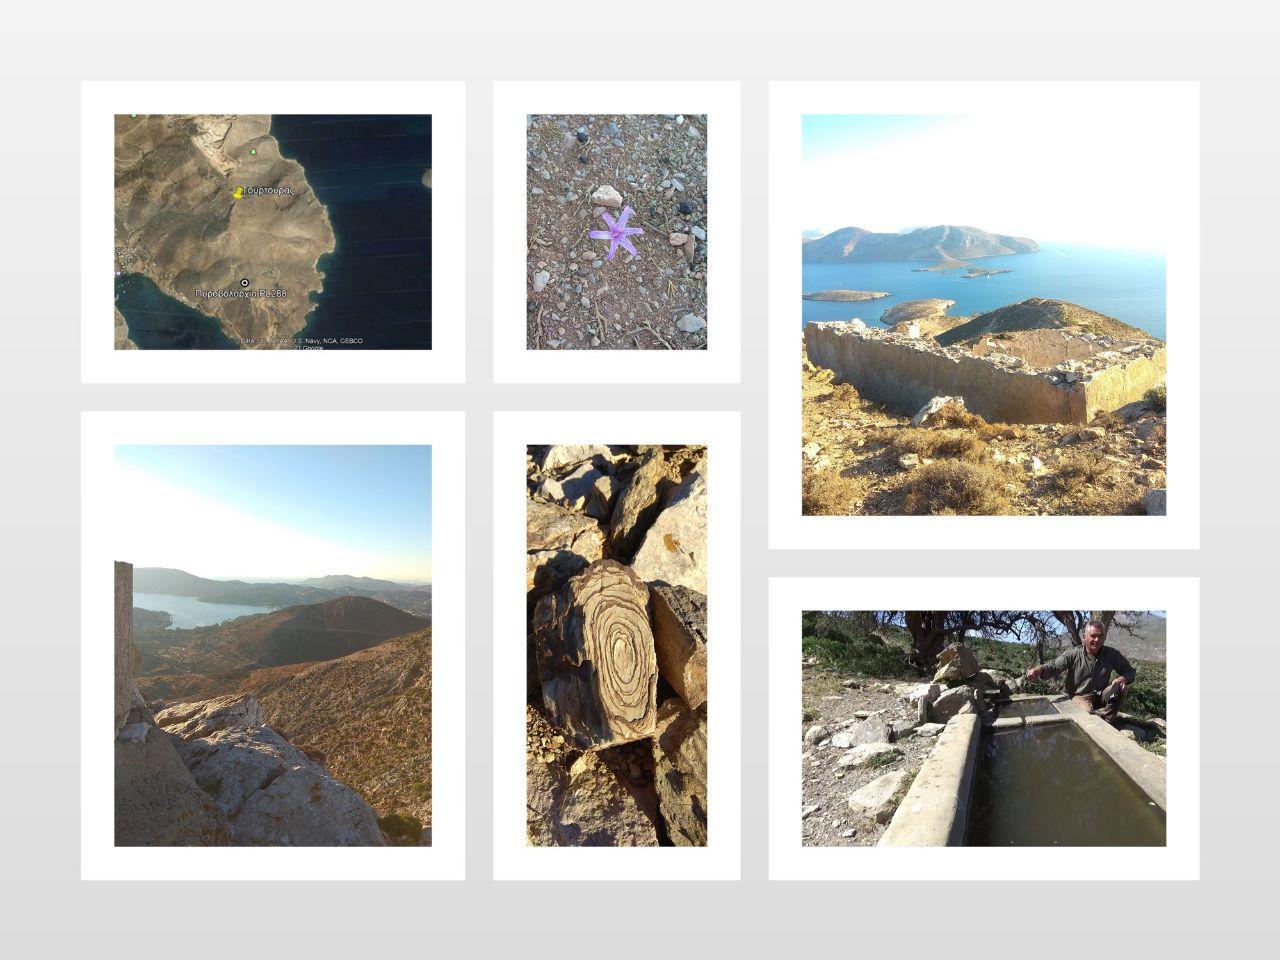 Κολάζ φωτογραφιών από την επίσκεψή μας στον Τούρτουρα